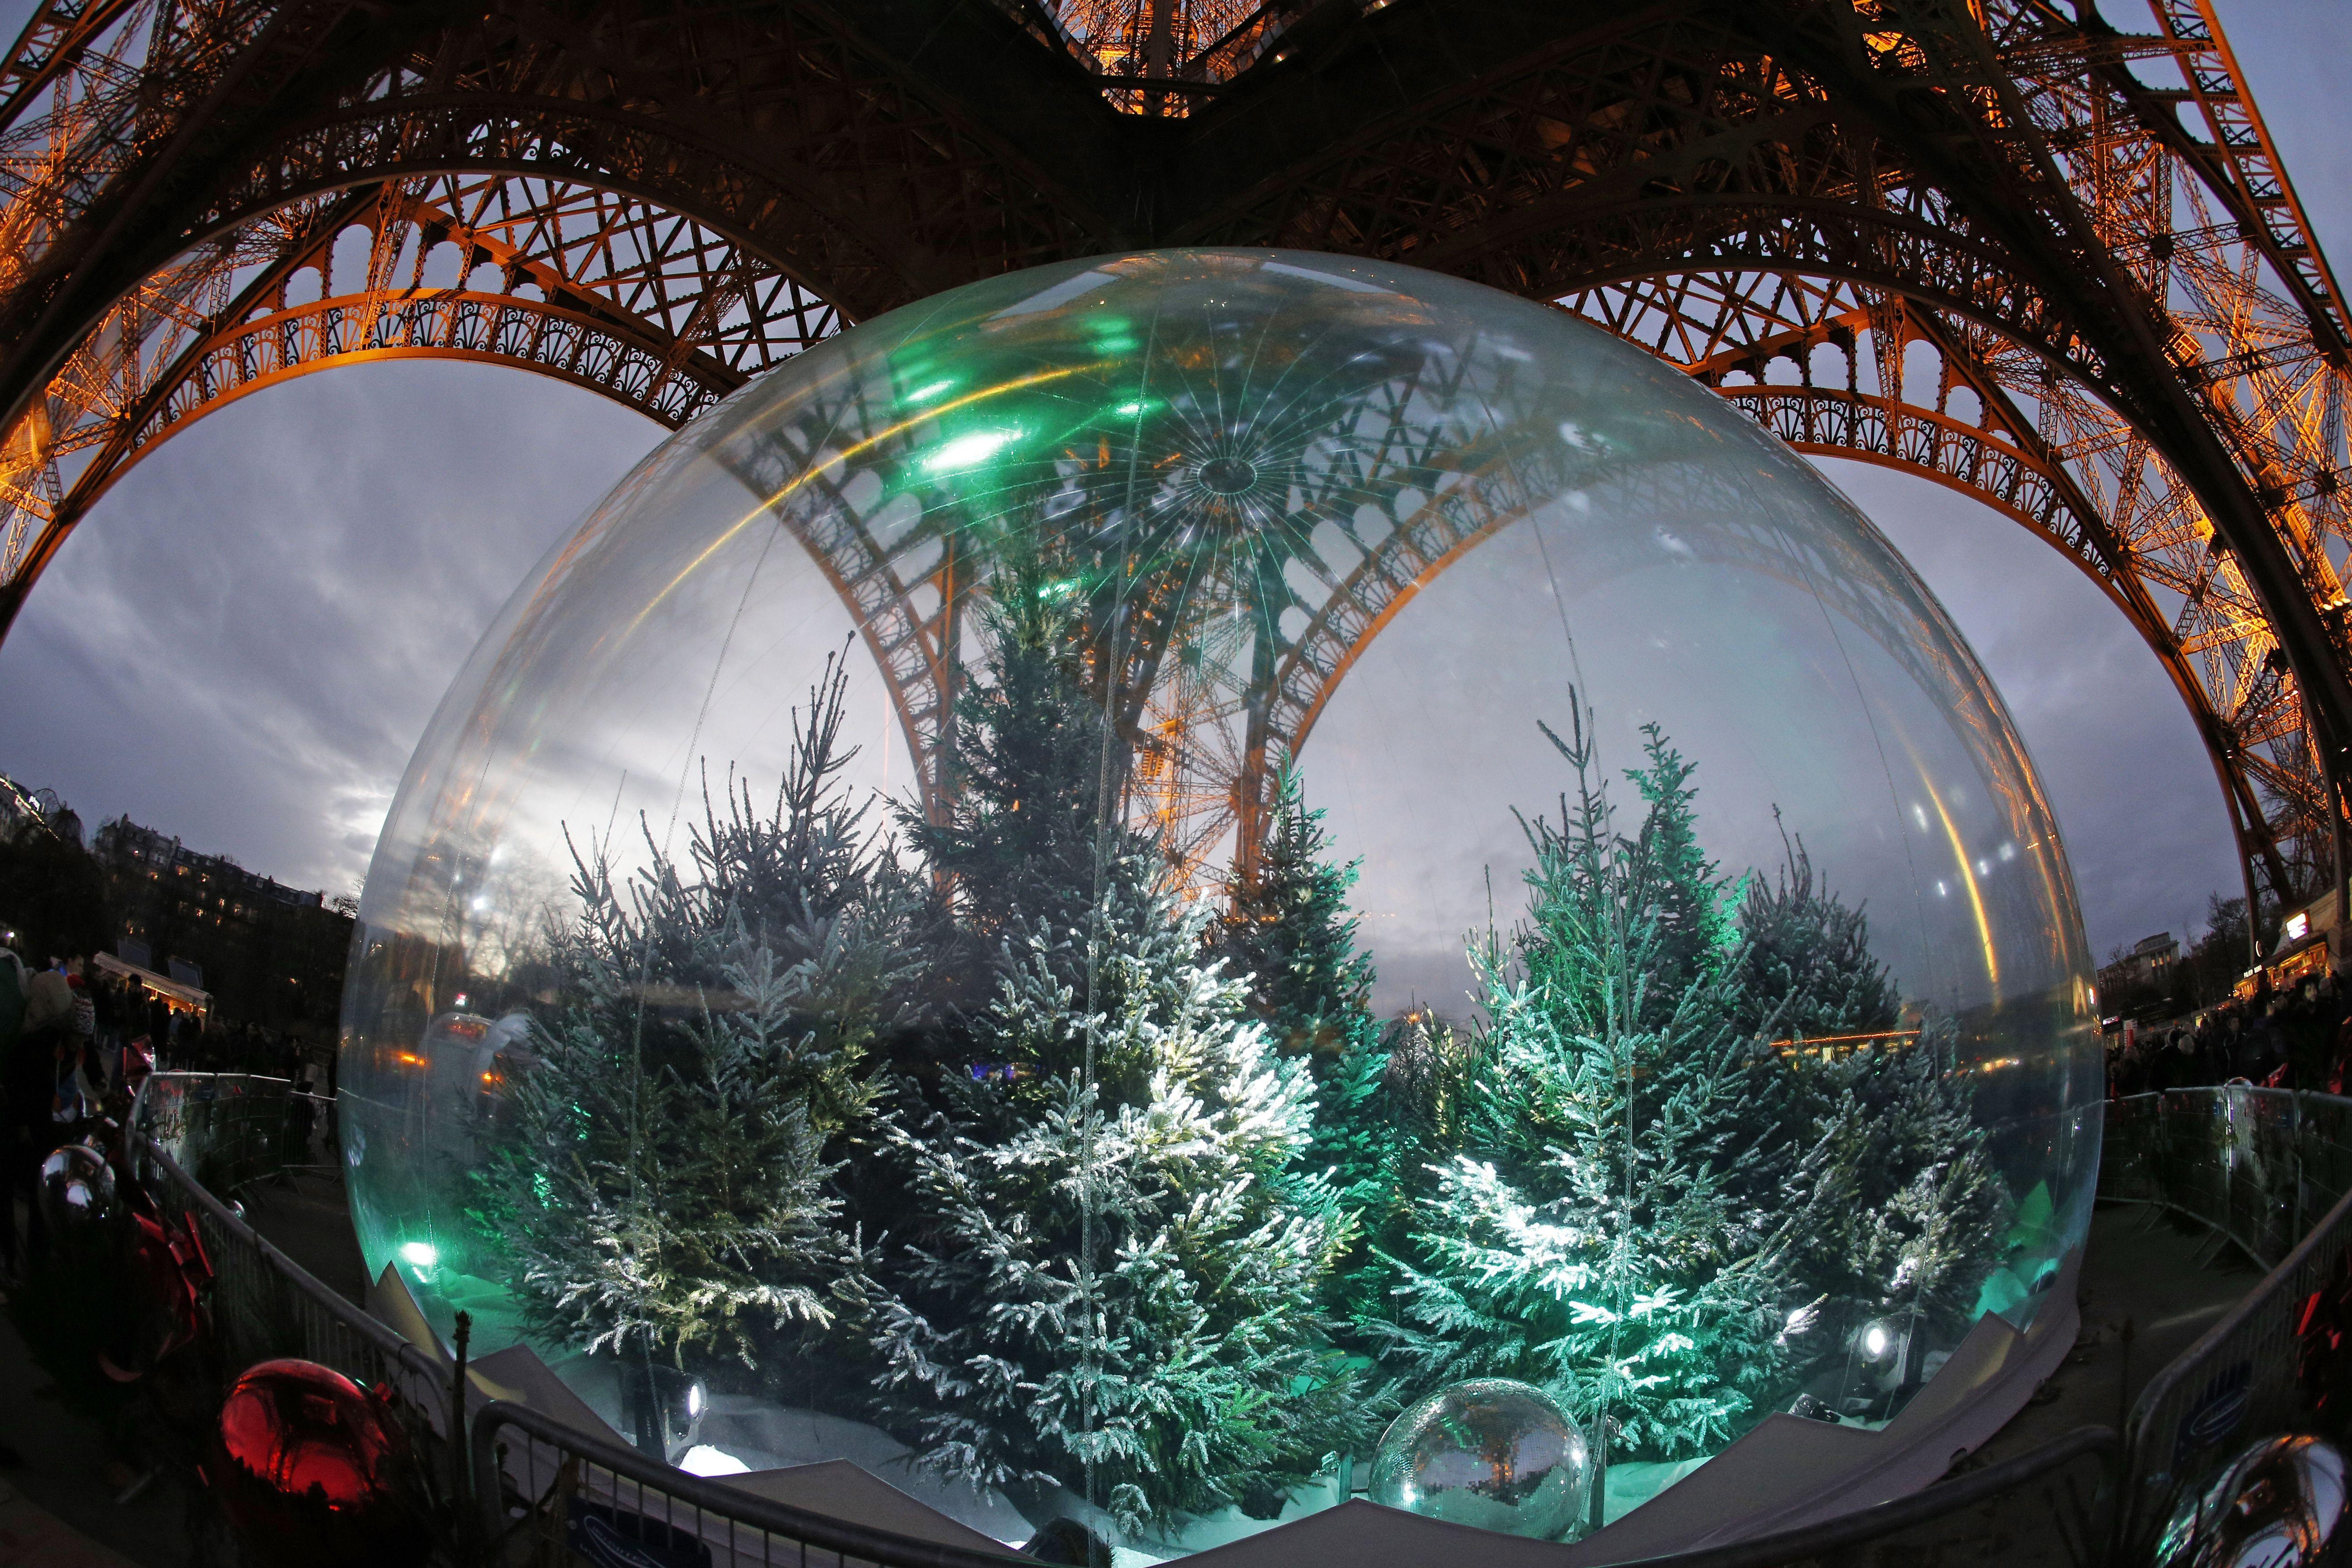 Weihnachten in Frankreich: Souvenirläden geschlossen! Eiffelturm Mitarbeiter streiken